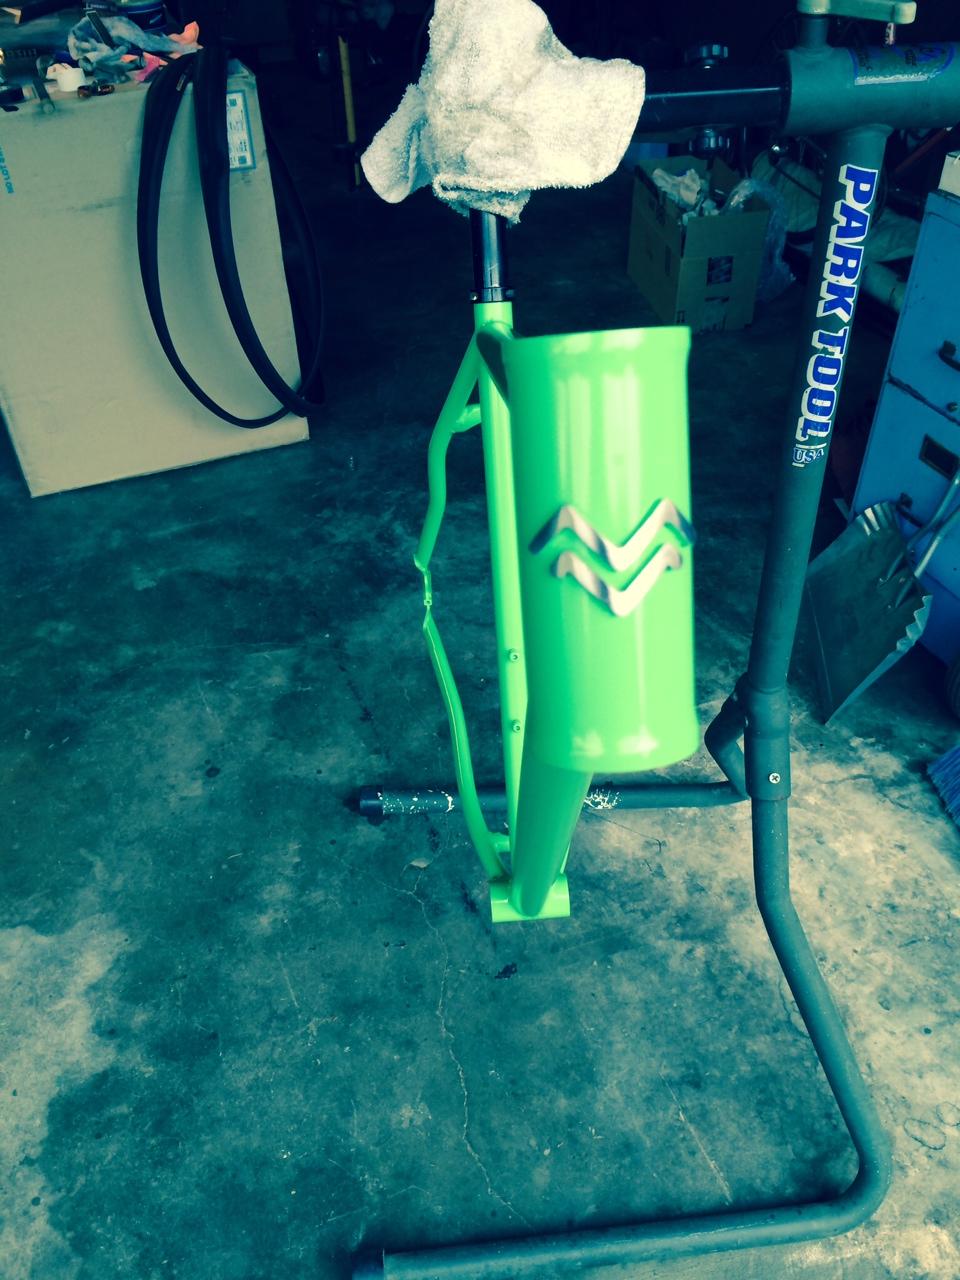 Scotts_bike(2).jpg